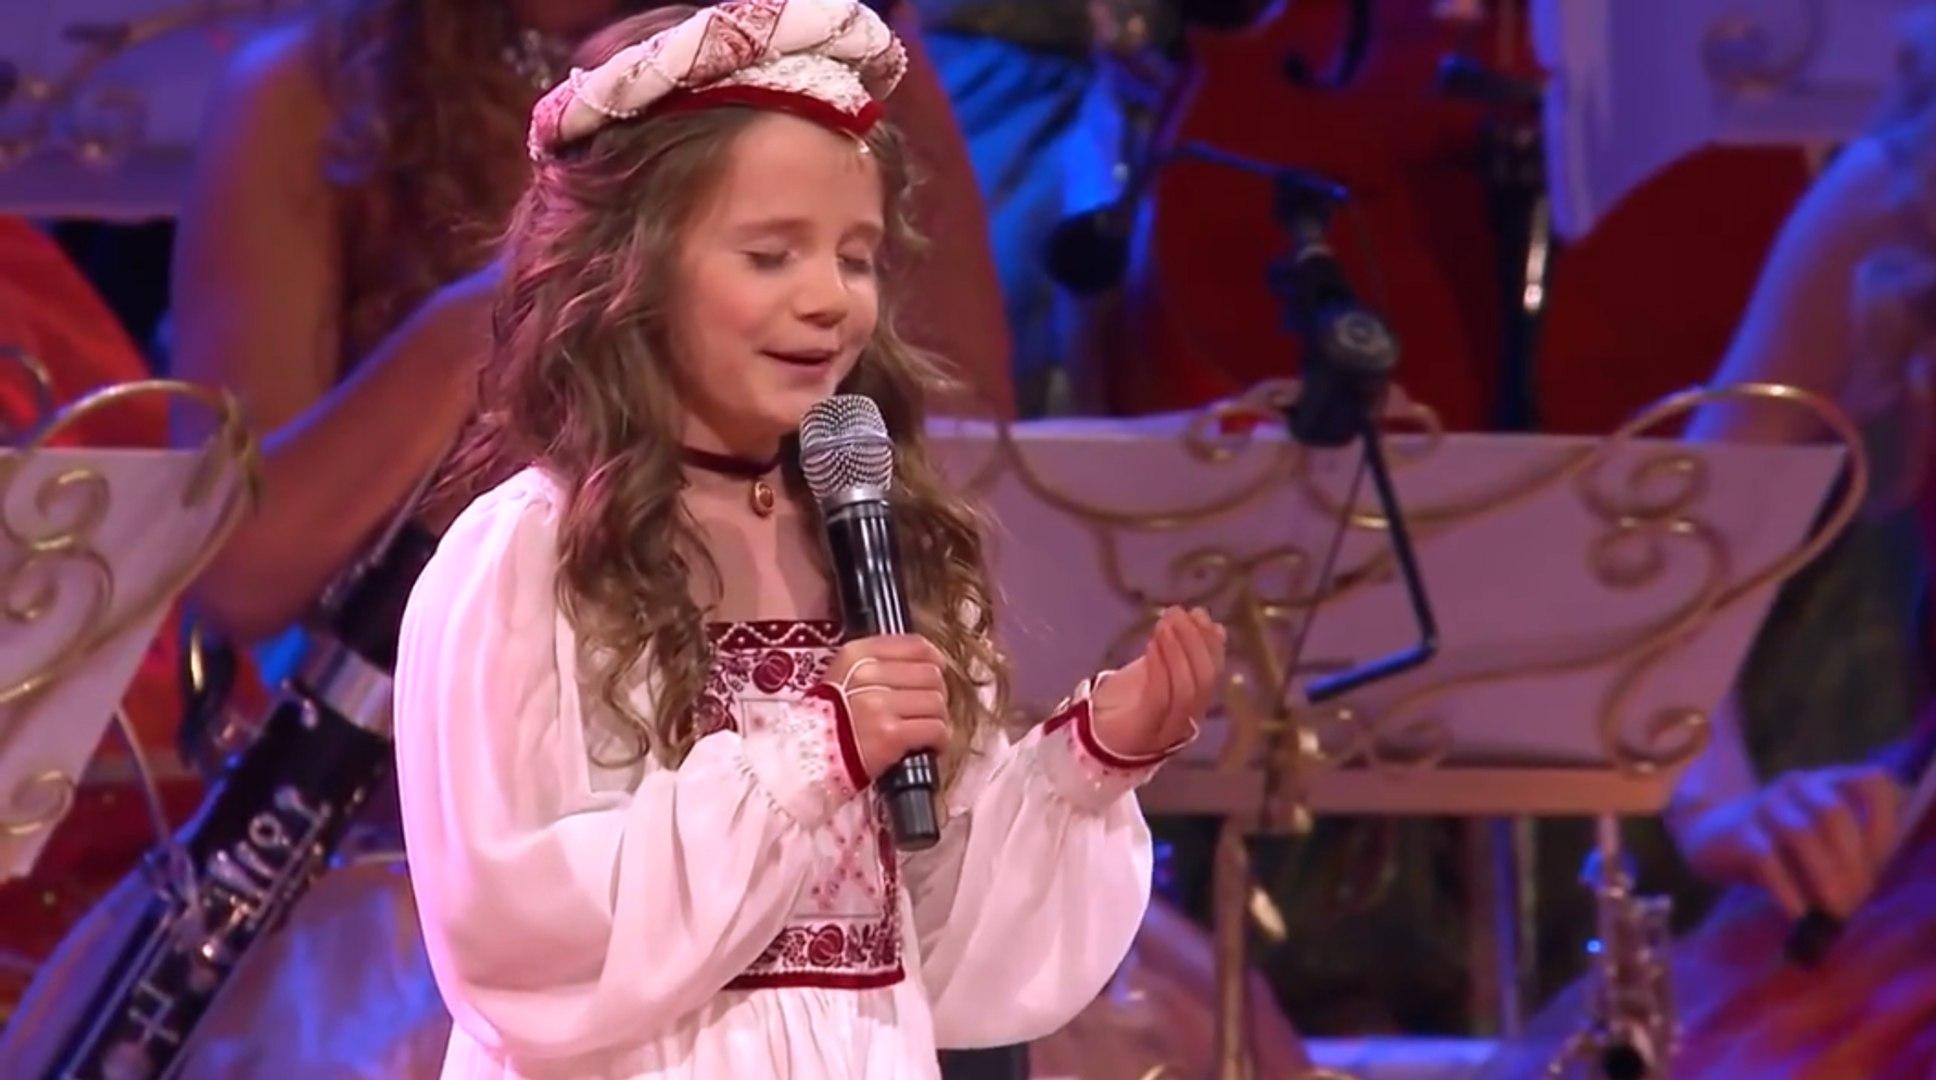 Она вышла на сцену и начала петь, в зале плакали! НЕВЕРОЯТНЫЙ голос